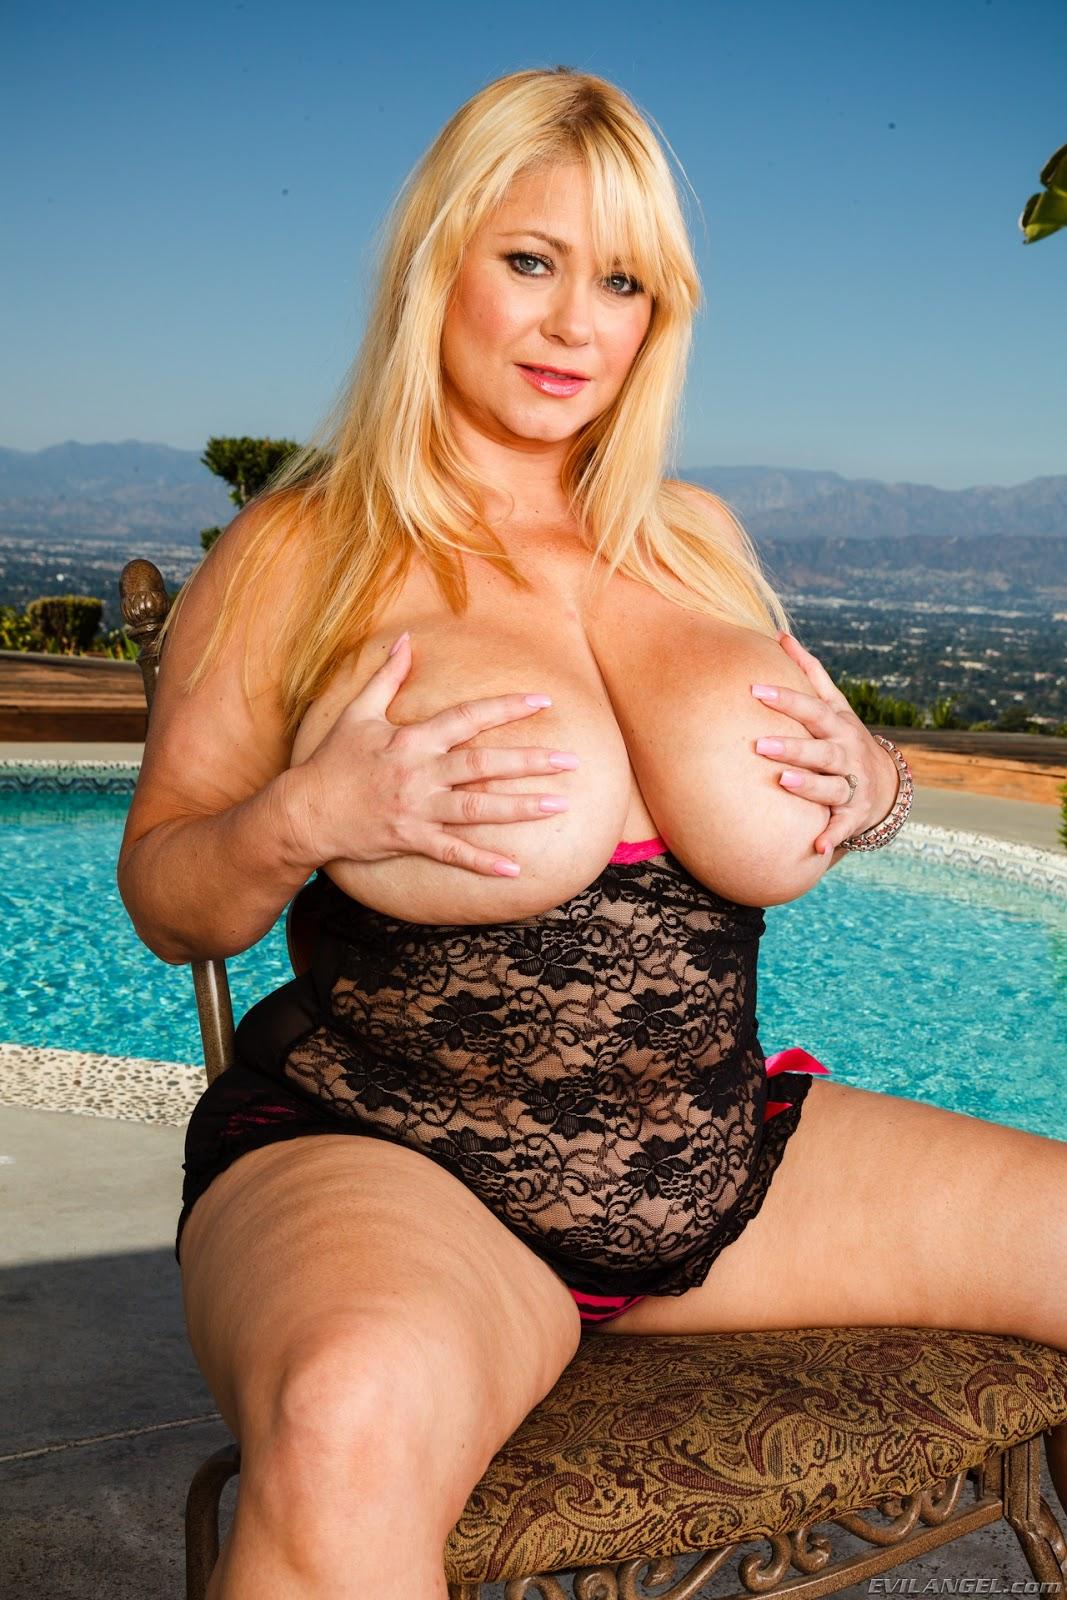 Samantha 38g Solo Porn Videos Pornhubcom